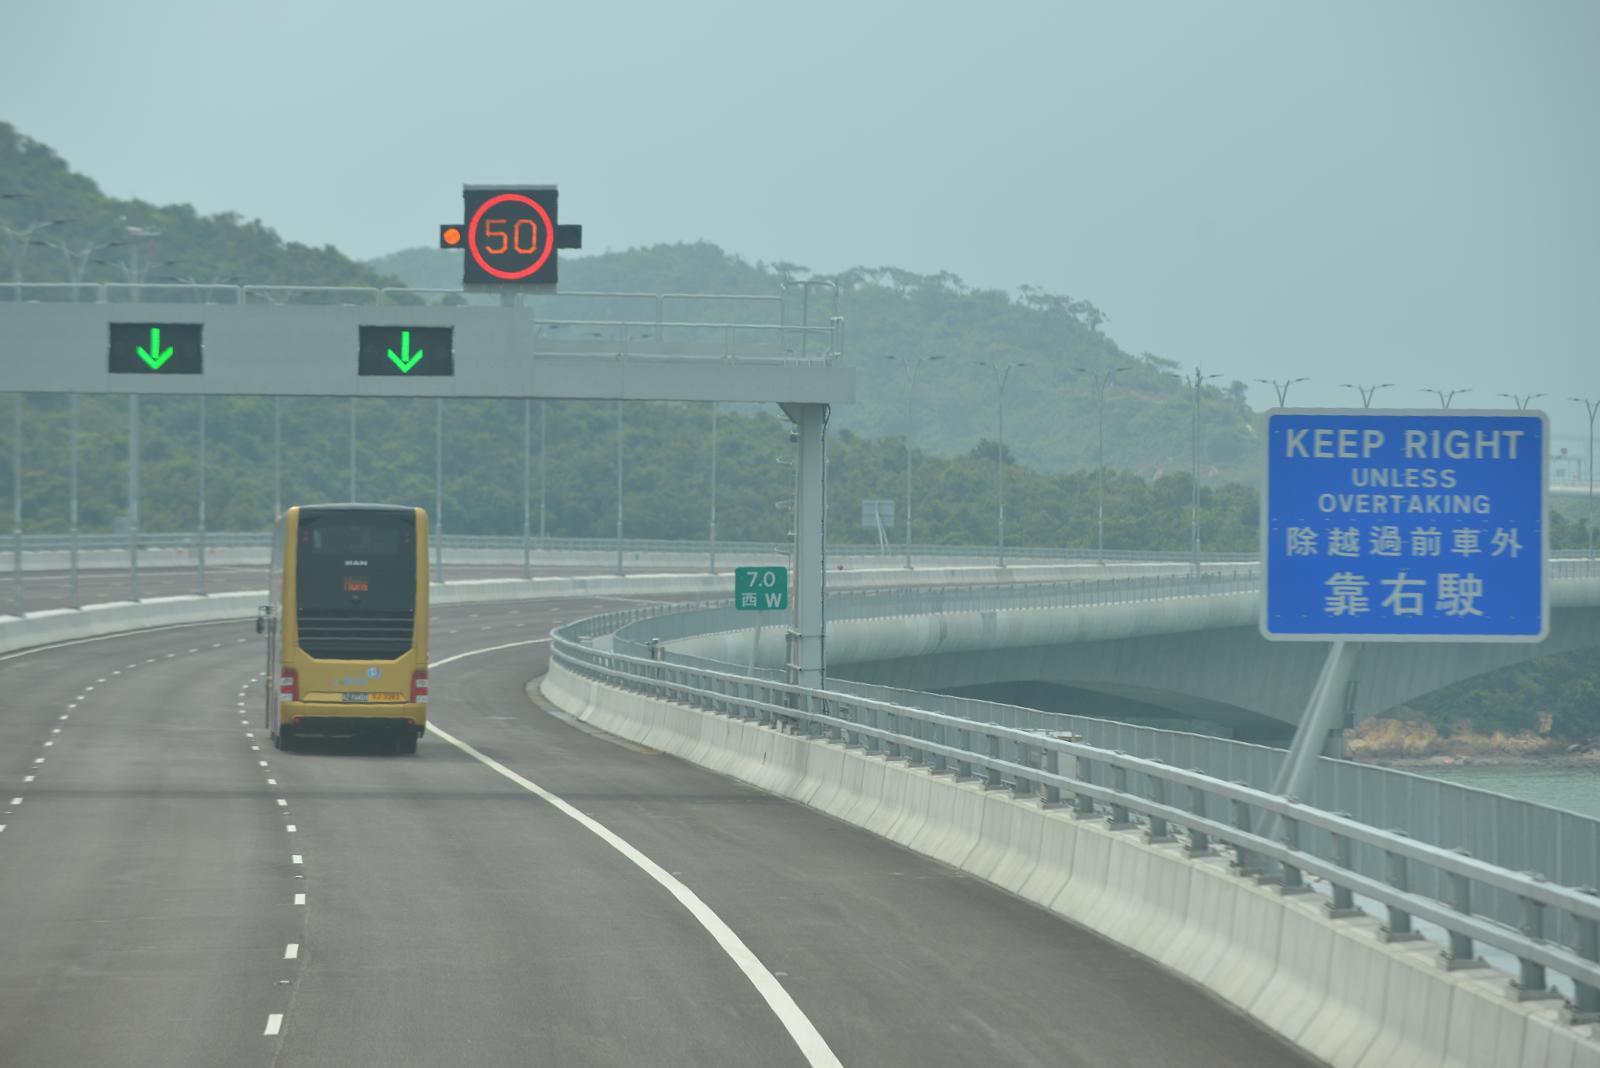 香港及內地政府均可派遣維養及緊急救援車輛在港珠澳大橋執行任務。